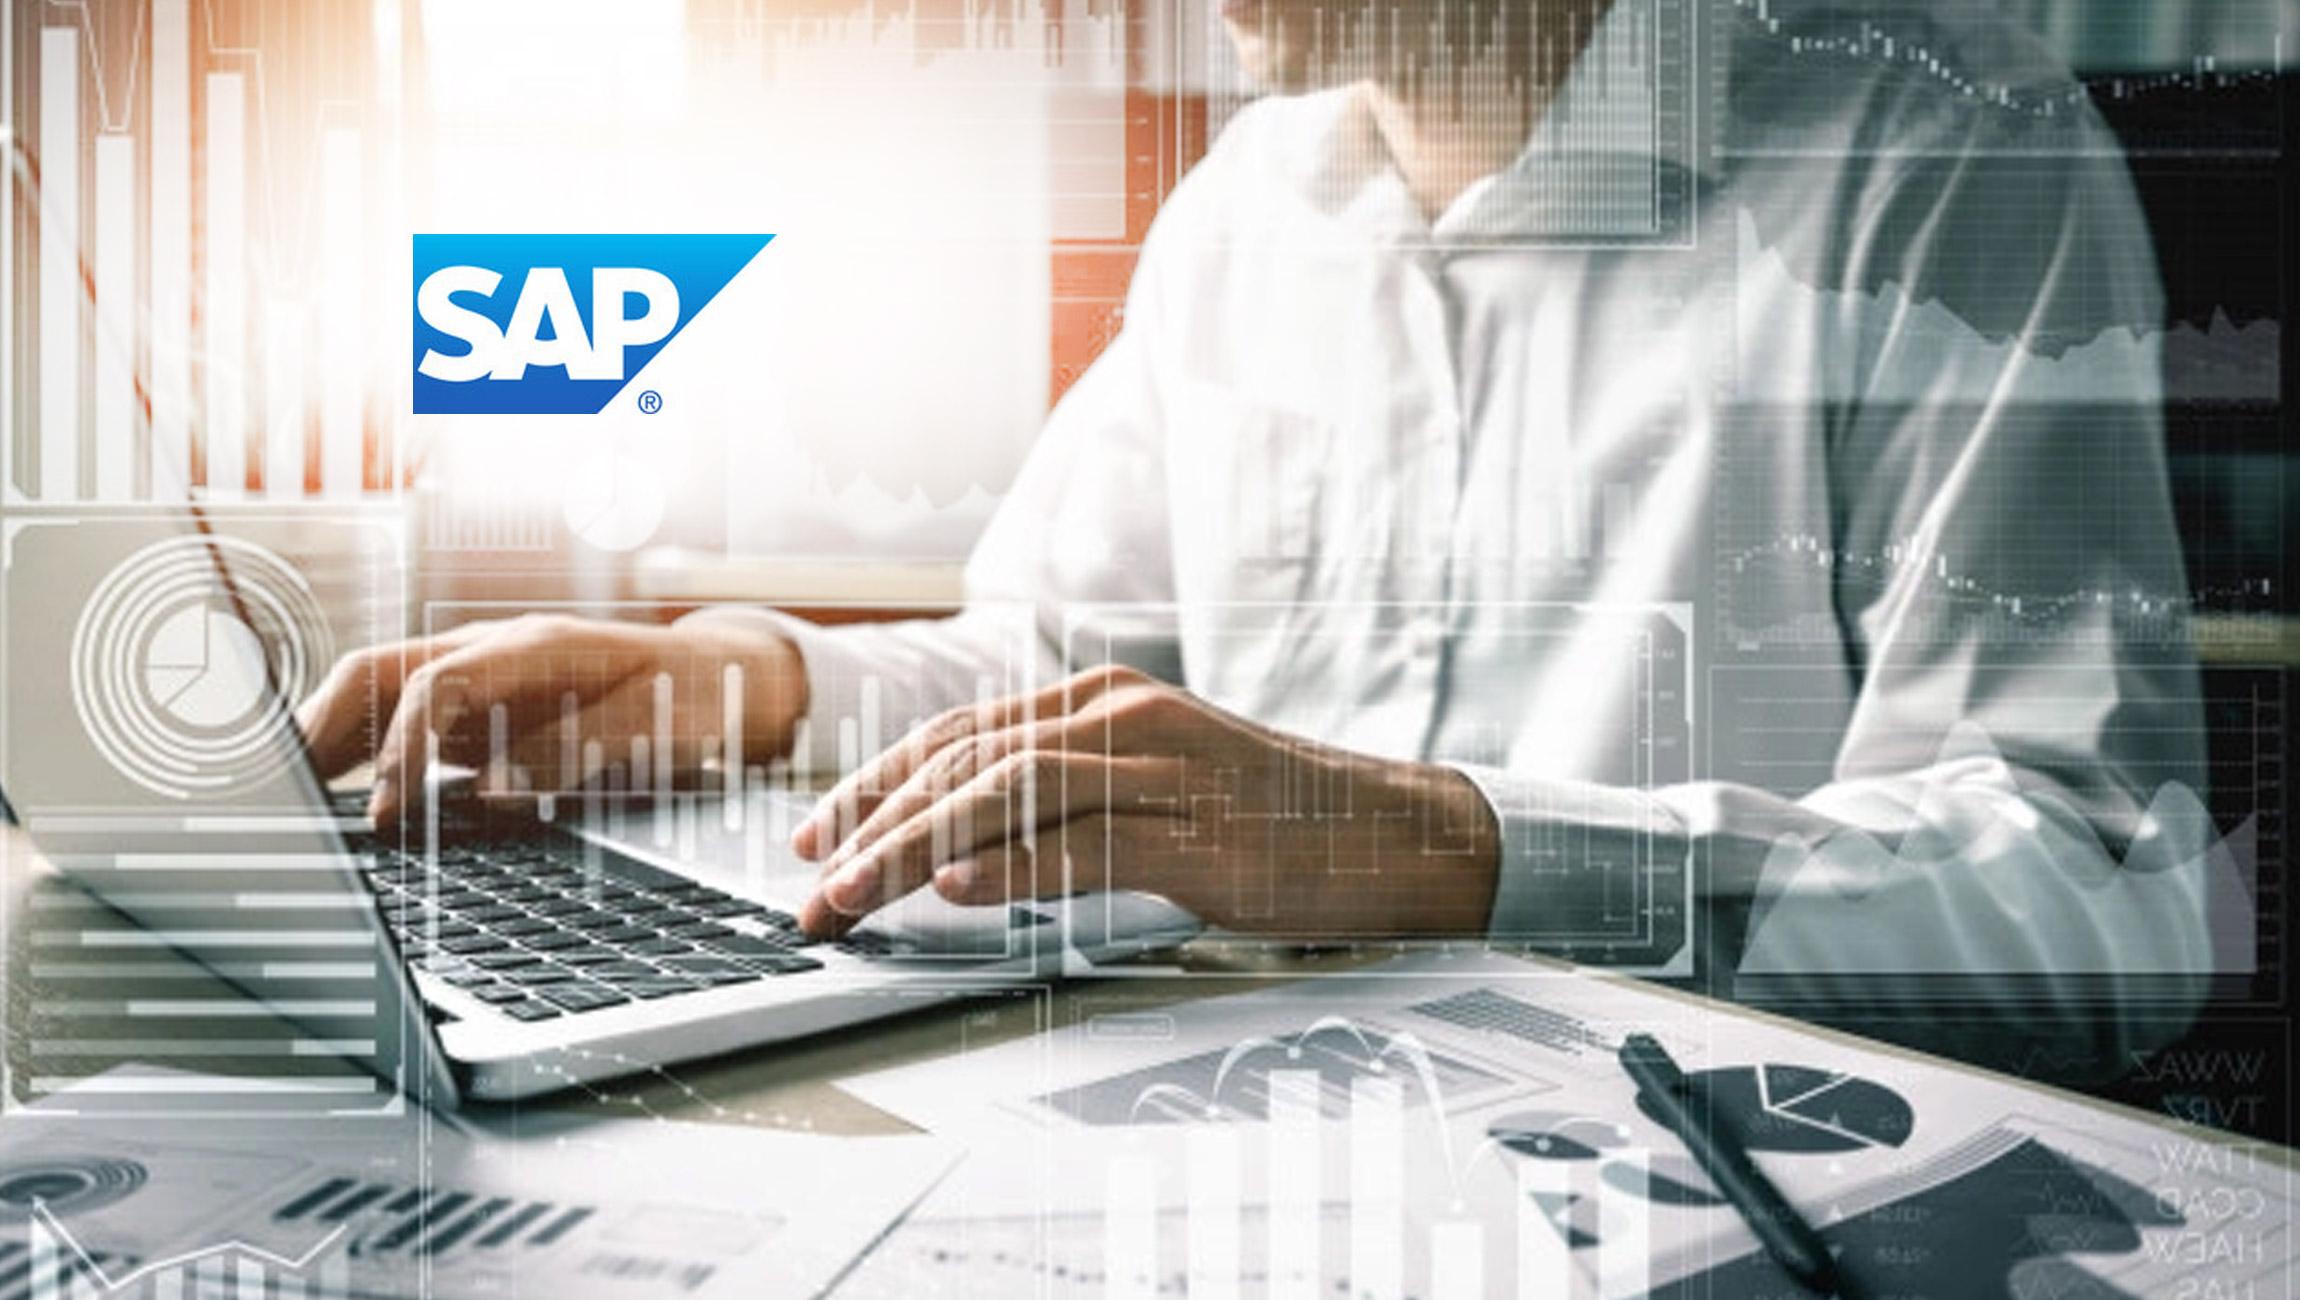 SAP Accelerates Cloud Growth Across Portfolio: Raises Revenue and Profit Outlook